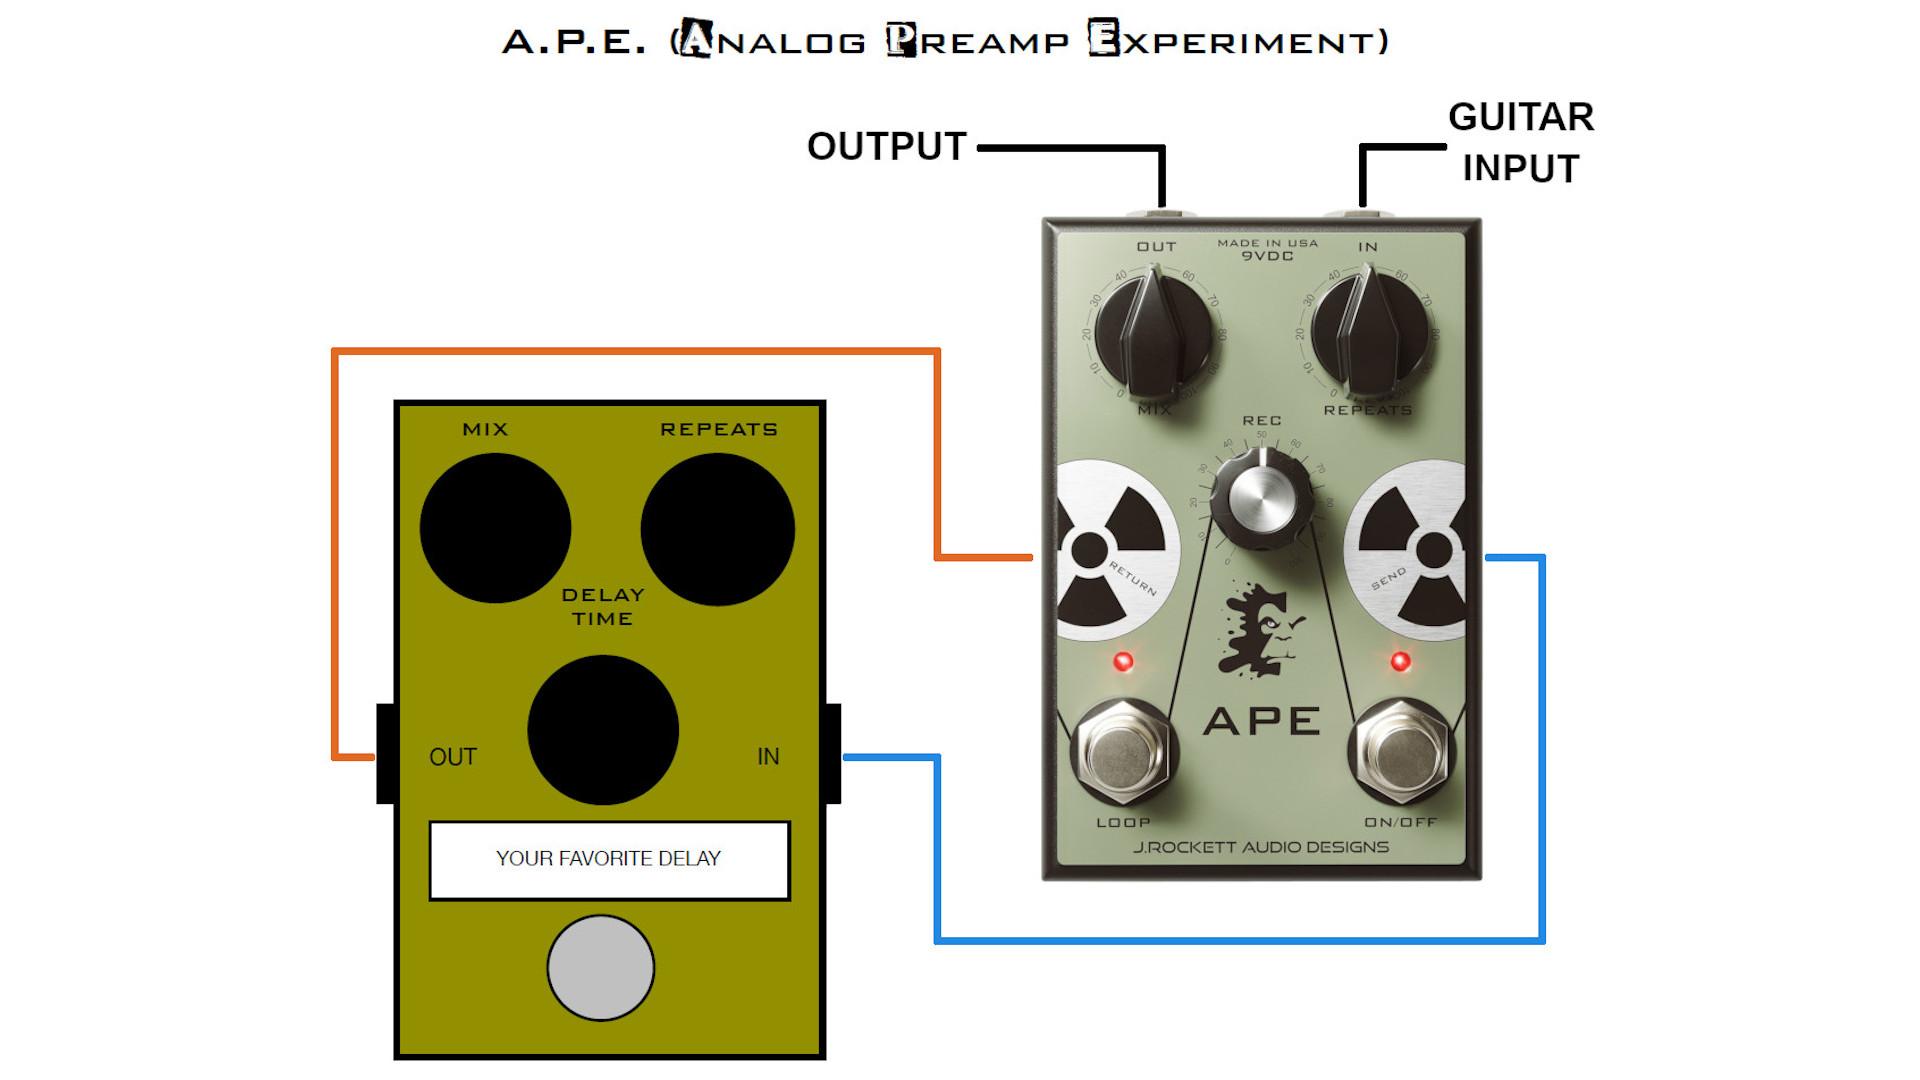 J.Rockett Audio Designs Analog Preamp Experiment (A.P.E.)